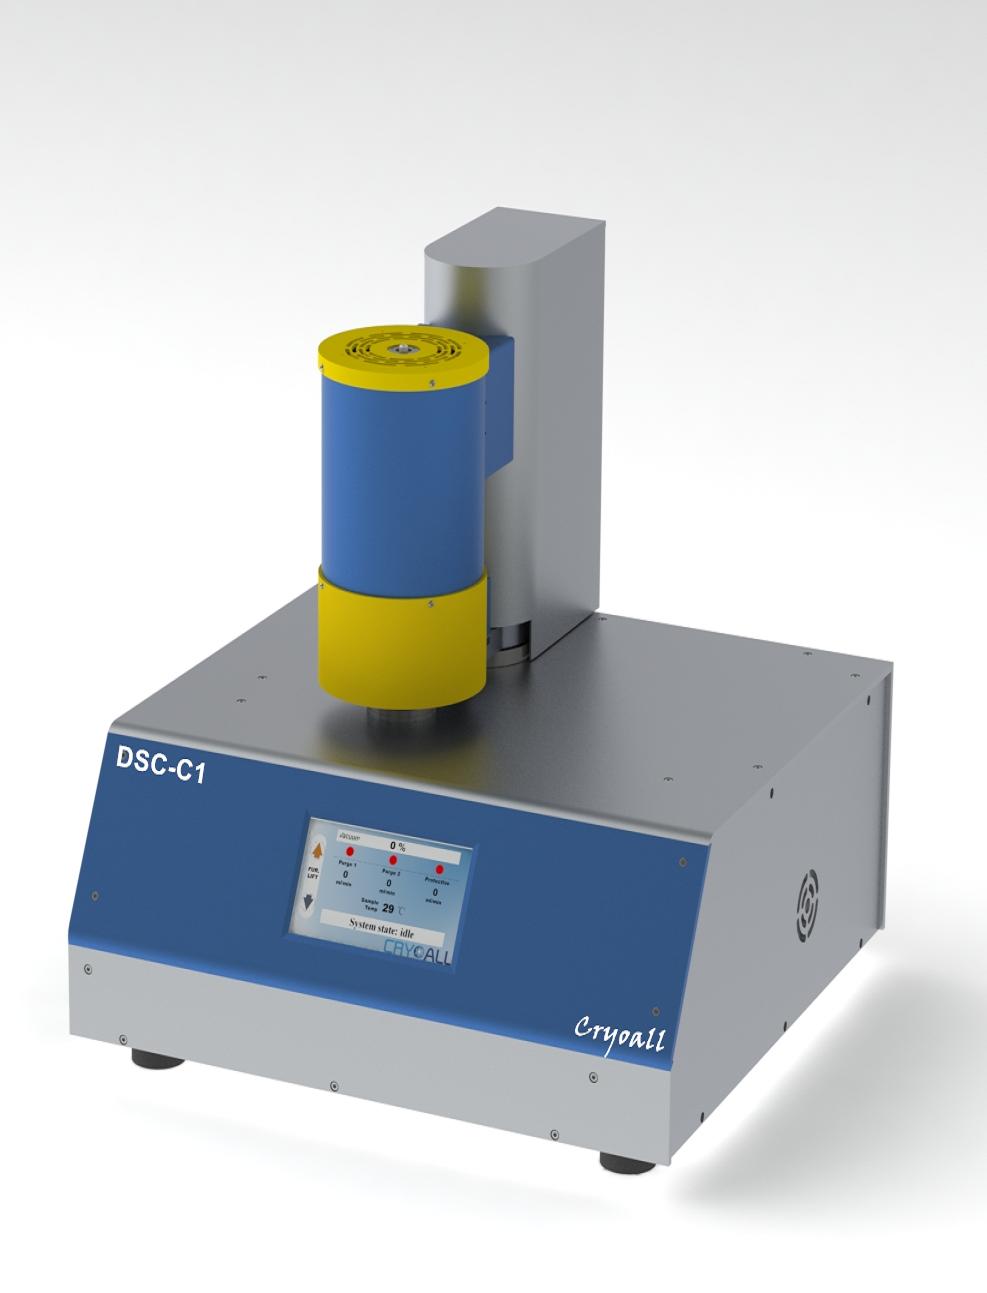 差示扫描量热仪  DSC-C1